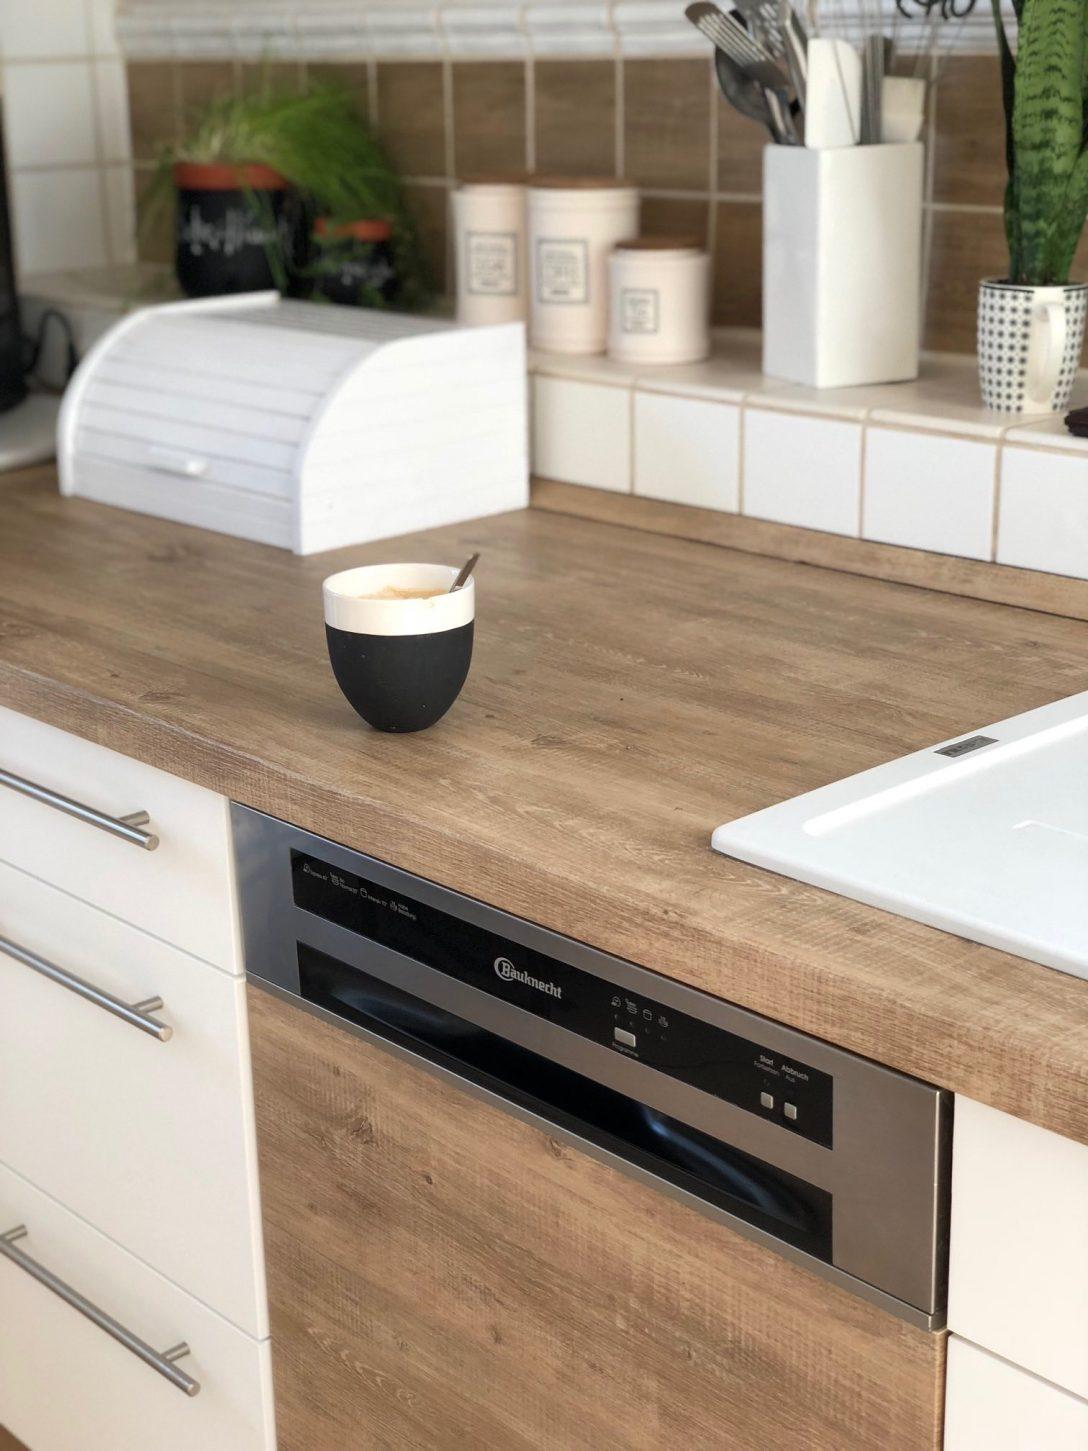 Large Size of Unschlagbares Kchen Make Over Mit Klebefolien Von Resimdo Industrie Küche Miniküche Kühlschrank Bodenbeläge Hängeschrank Glastüren Theke Aufbewahrung Küche Küche Erweitern